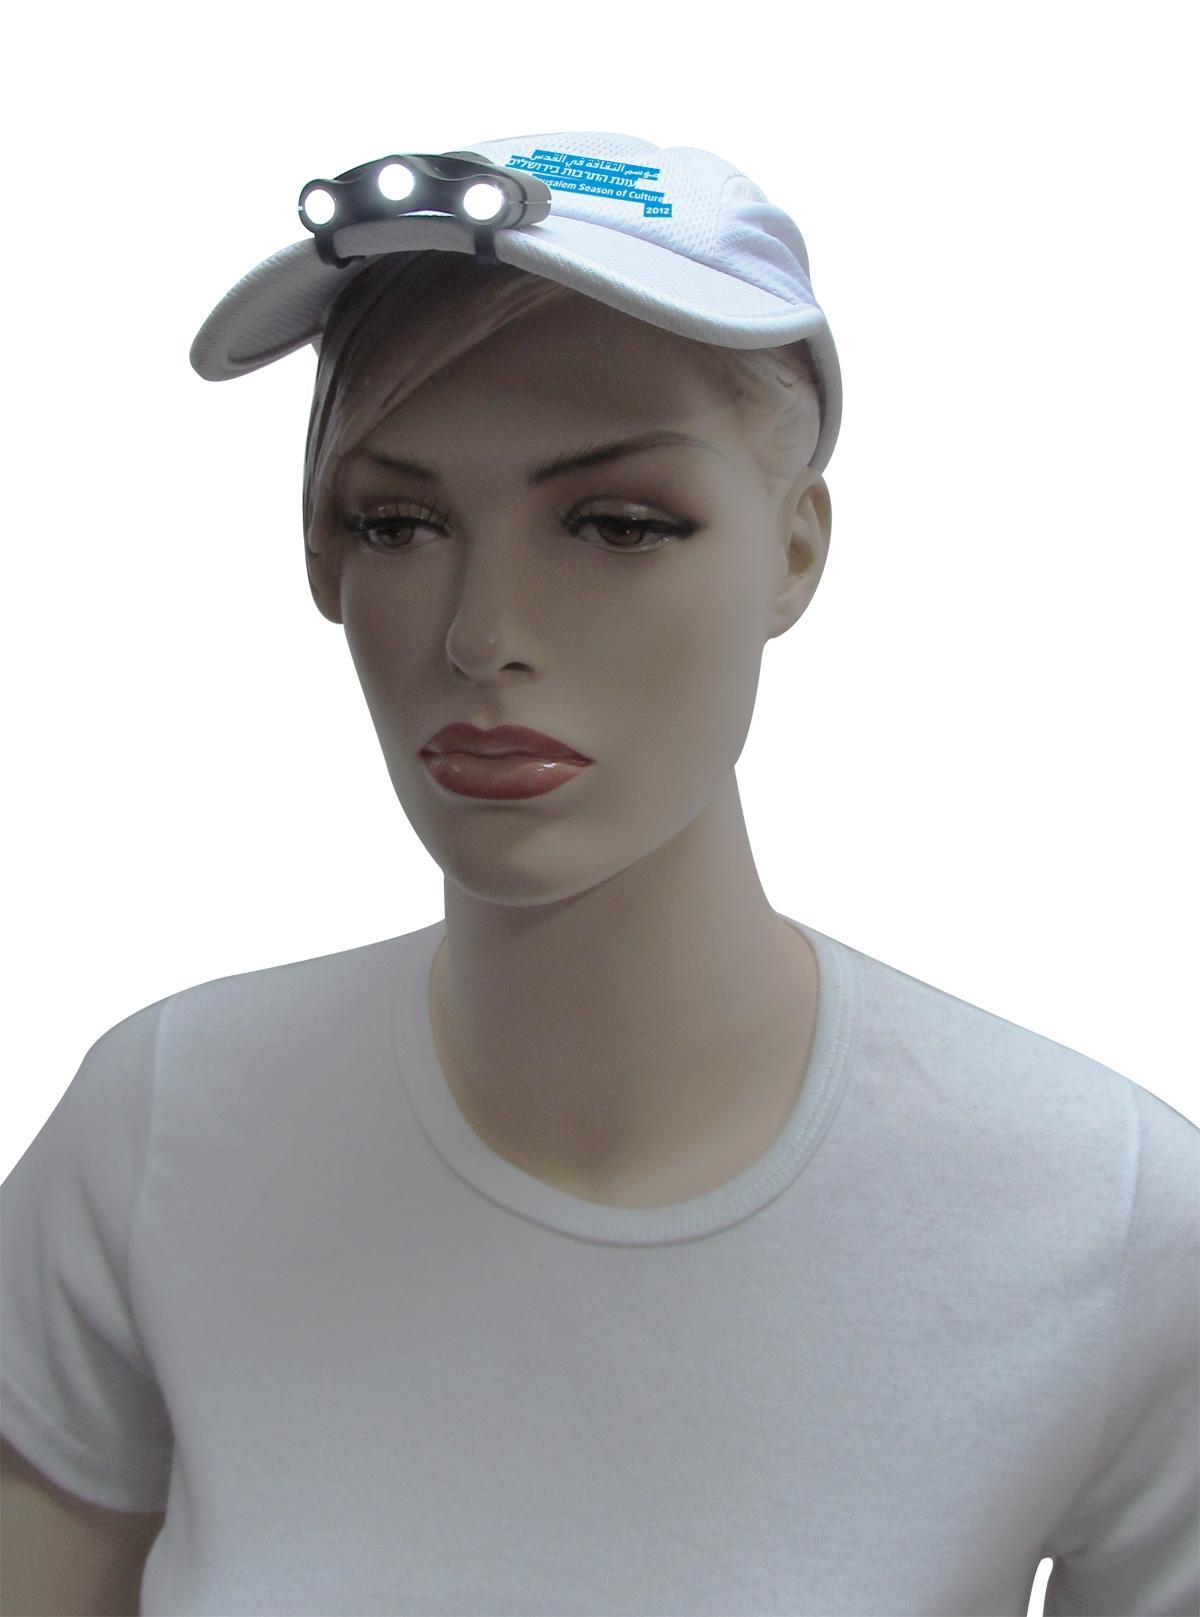 פנס לכובע | פנס שמלבש על כובע